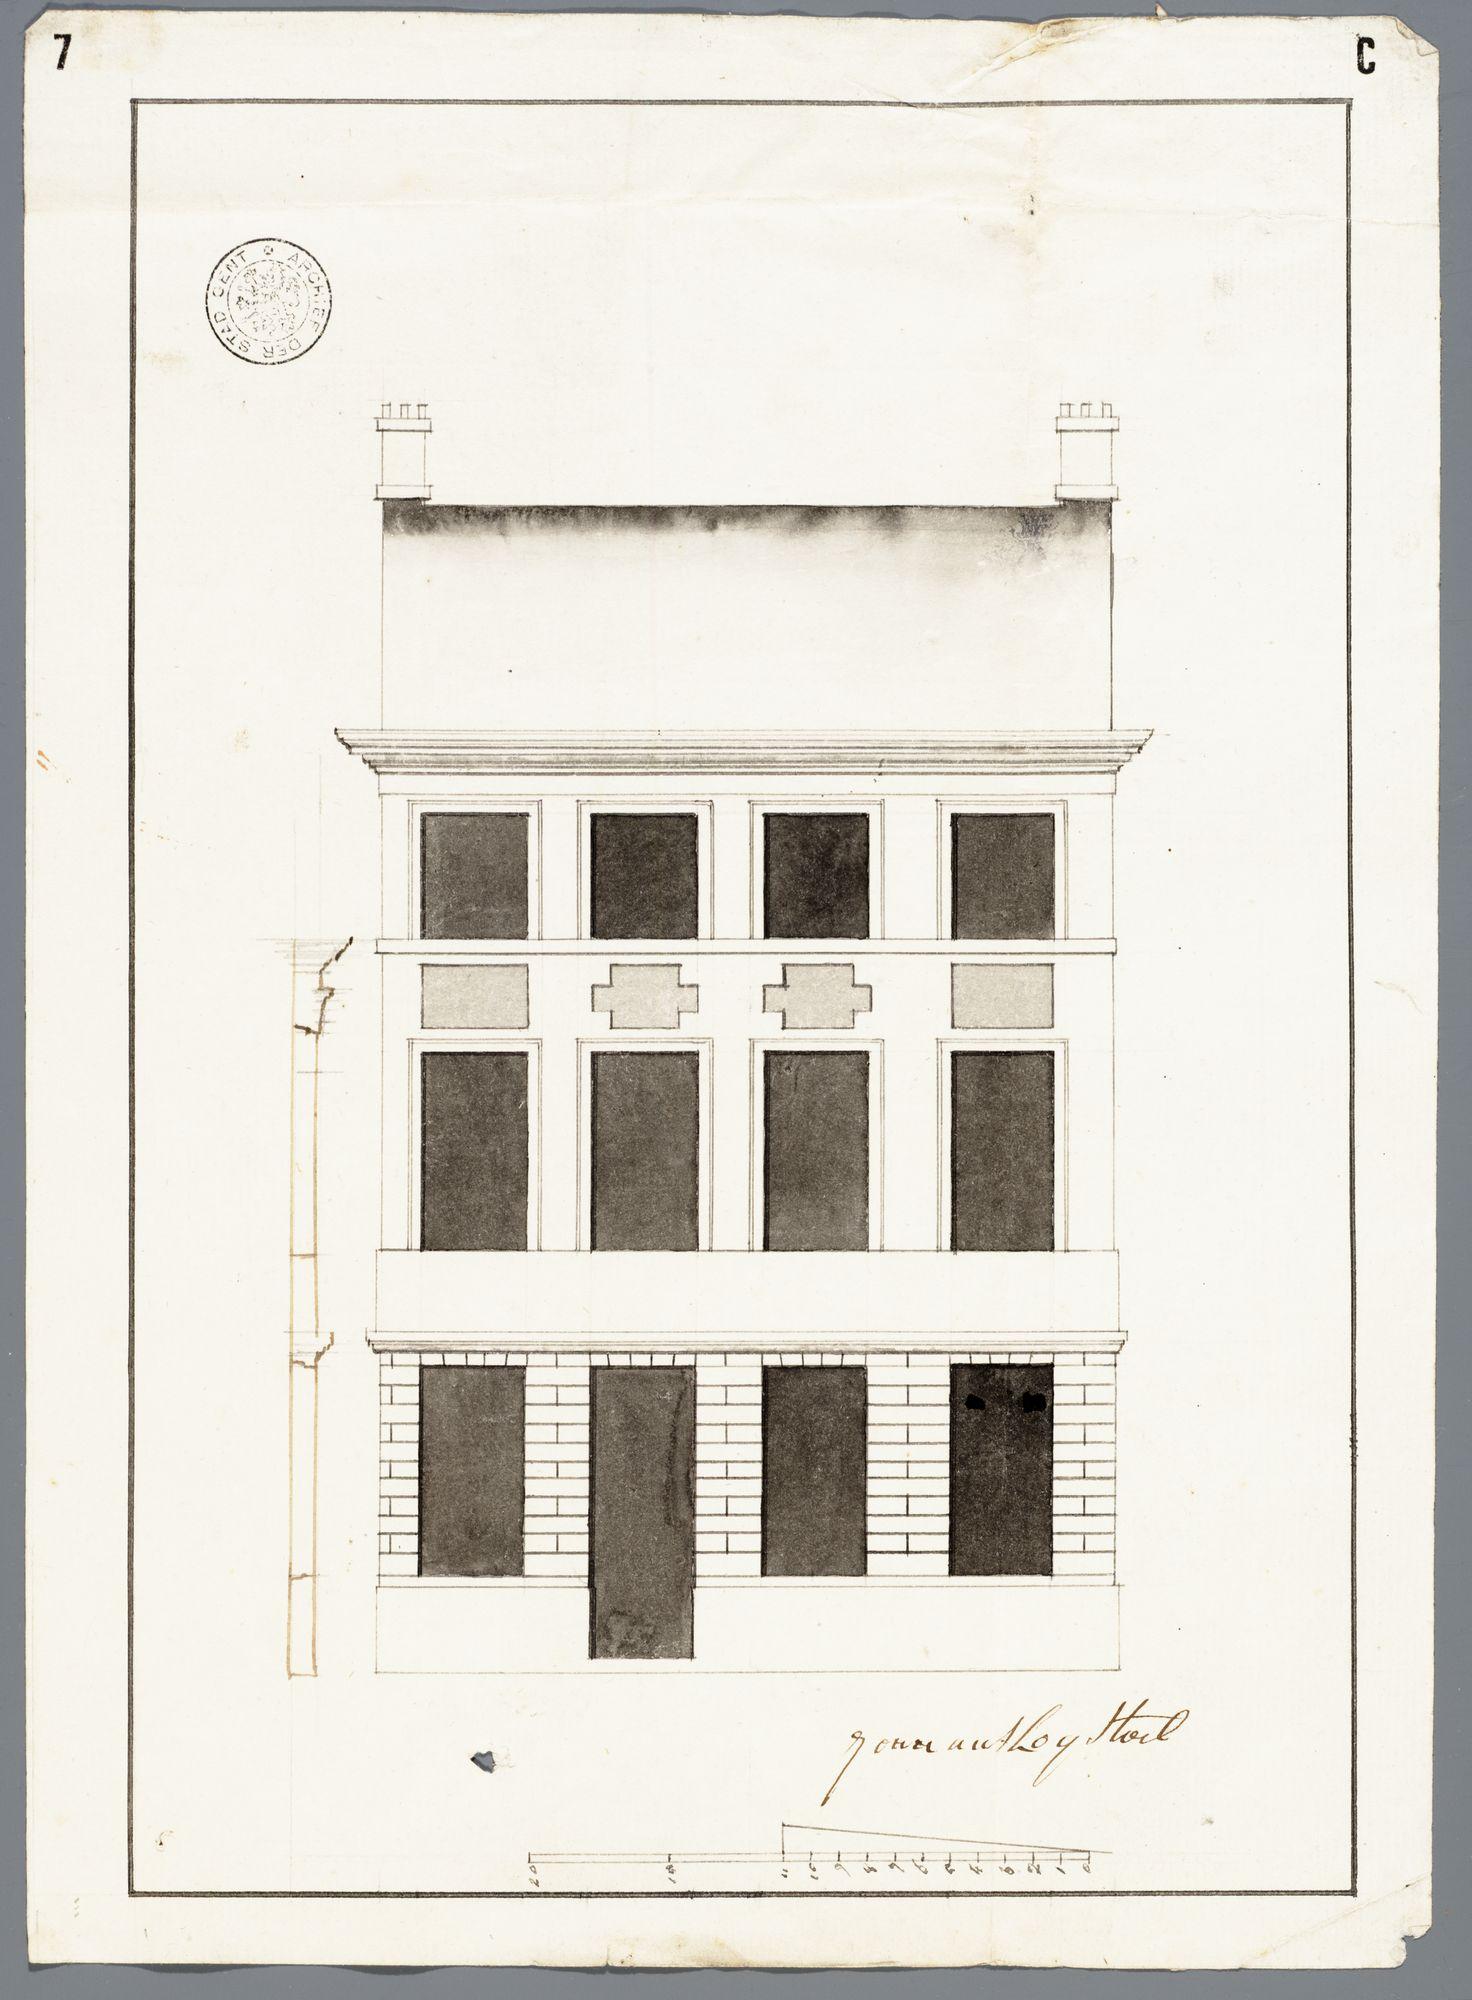 Gent: Annonciadenstraat, 1792: opstand en verticale doorsnede voorgevel